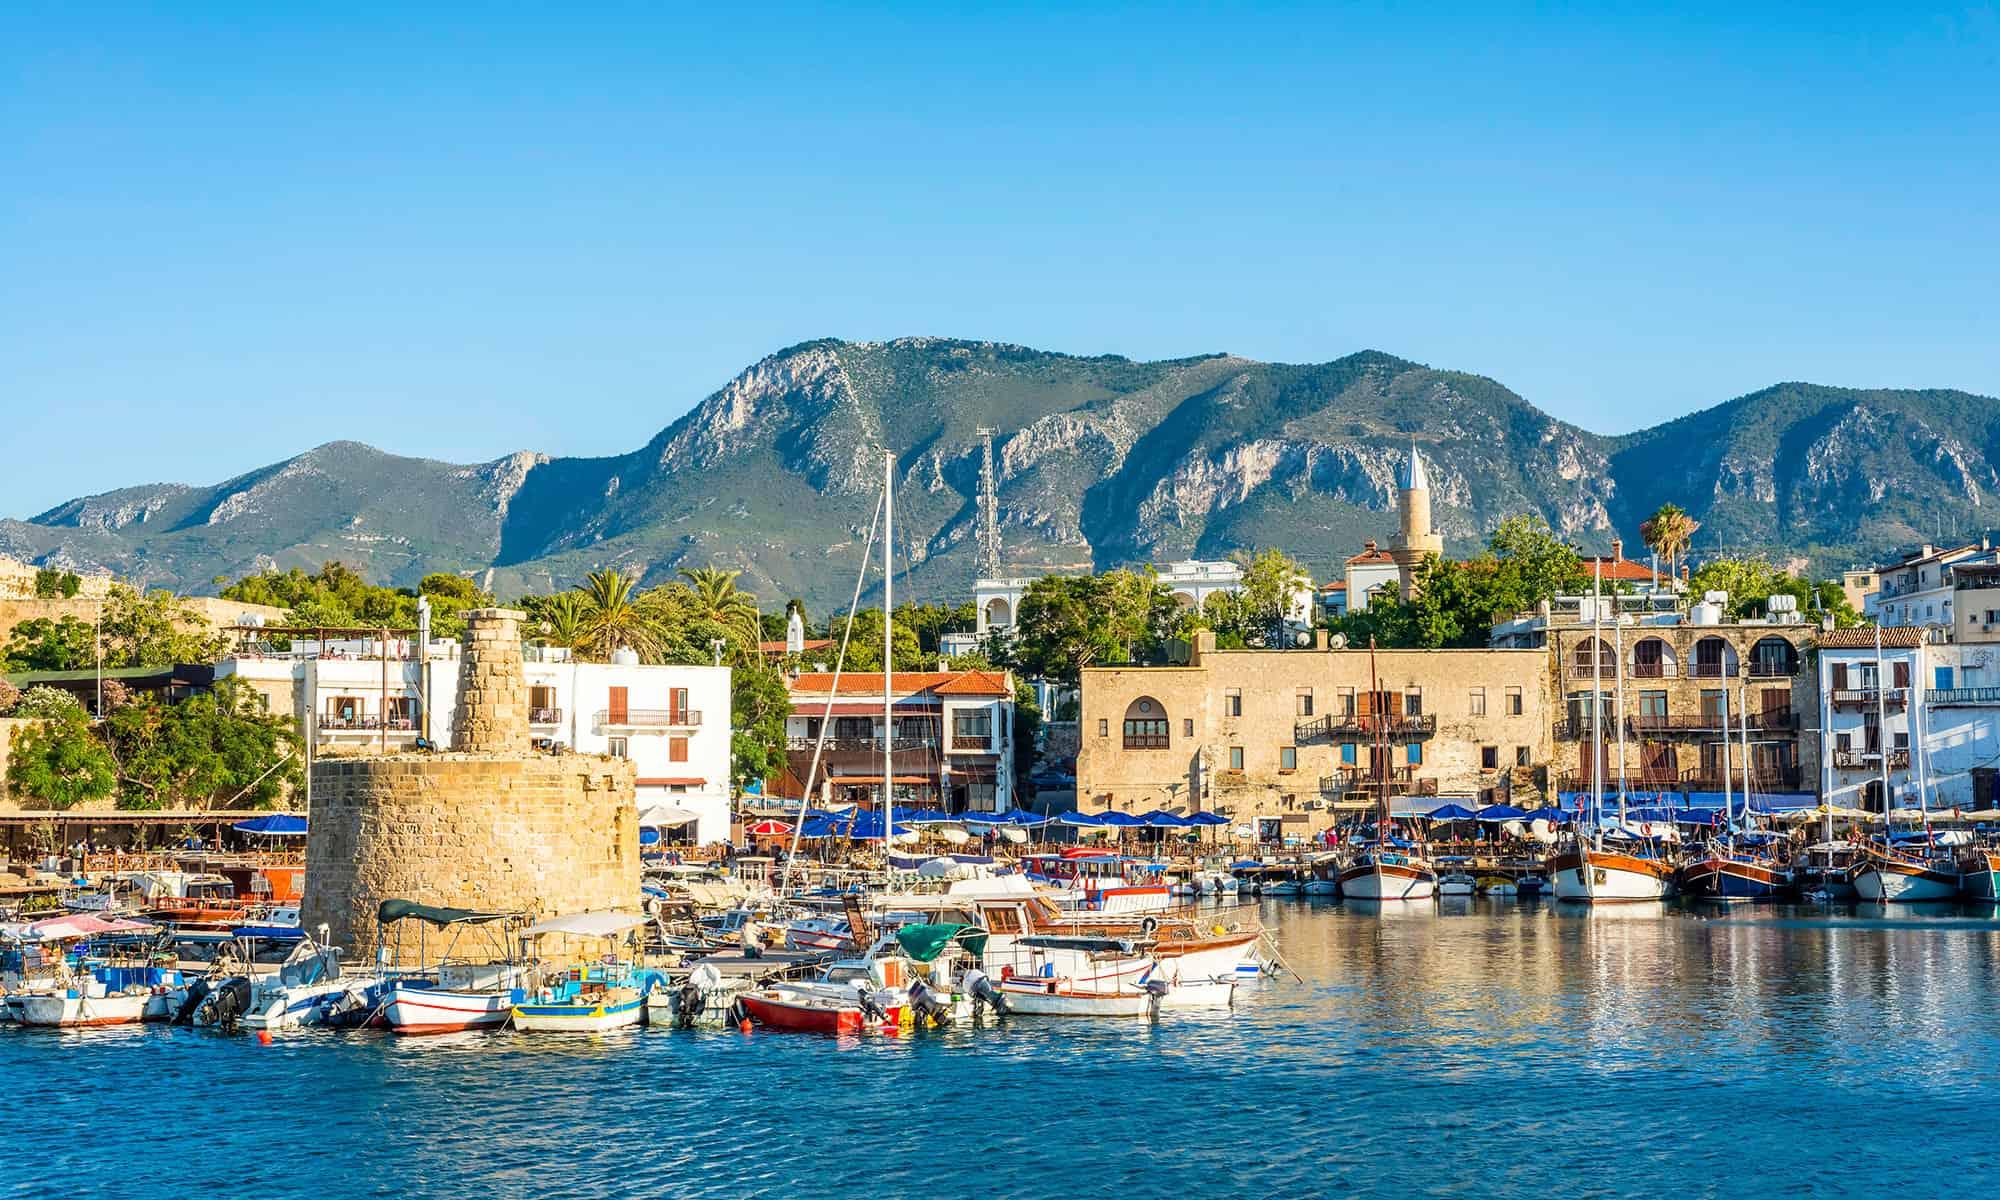 Chương trình đầu tư lấy quốc tịch đảo Síp (Cyprus)